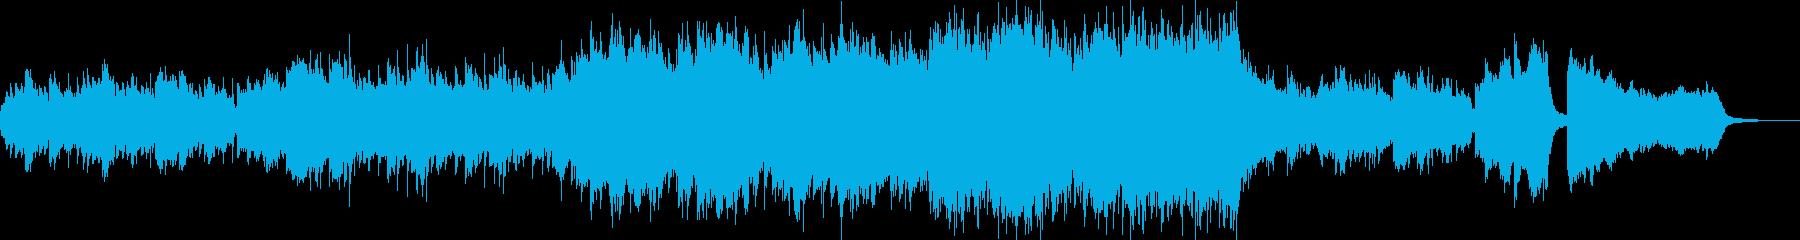 ピアノと弦楽器のわくわくするBGMの再生済みの波形